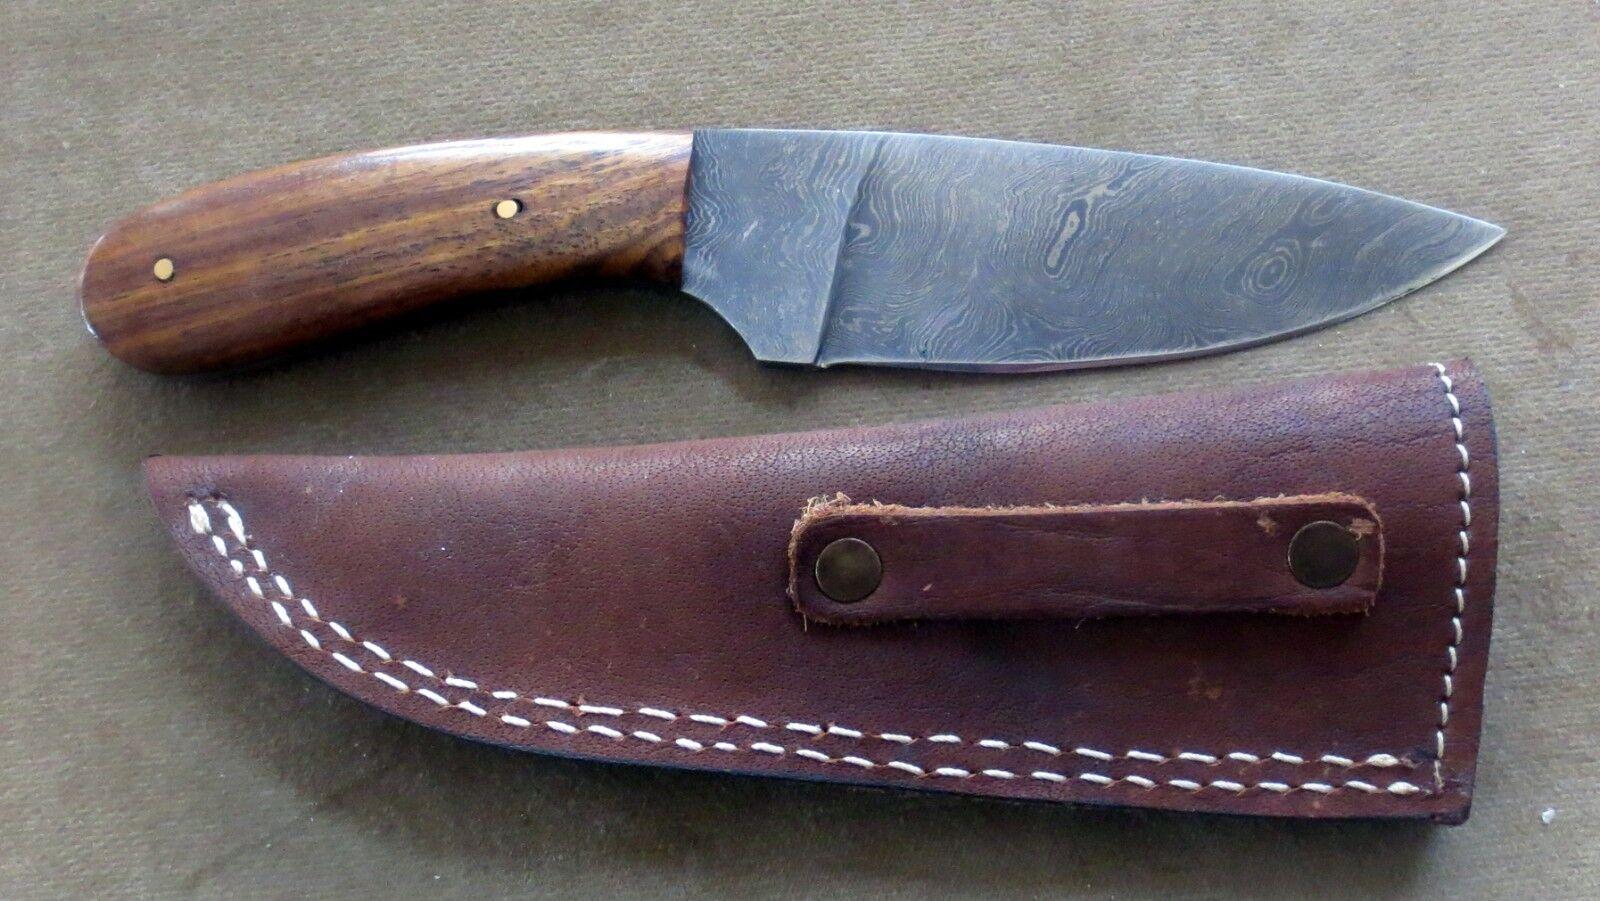 Anka Messer - - - Damastmesser-Taschenmesser-Jagdmesser stabile Gürtel Leder Scheide 062ddf